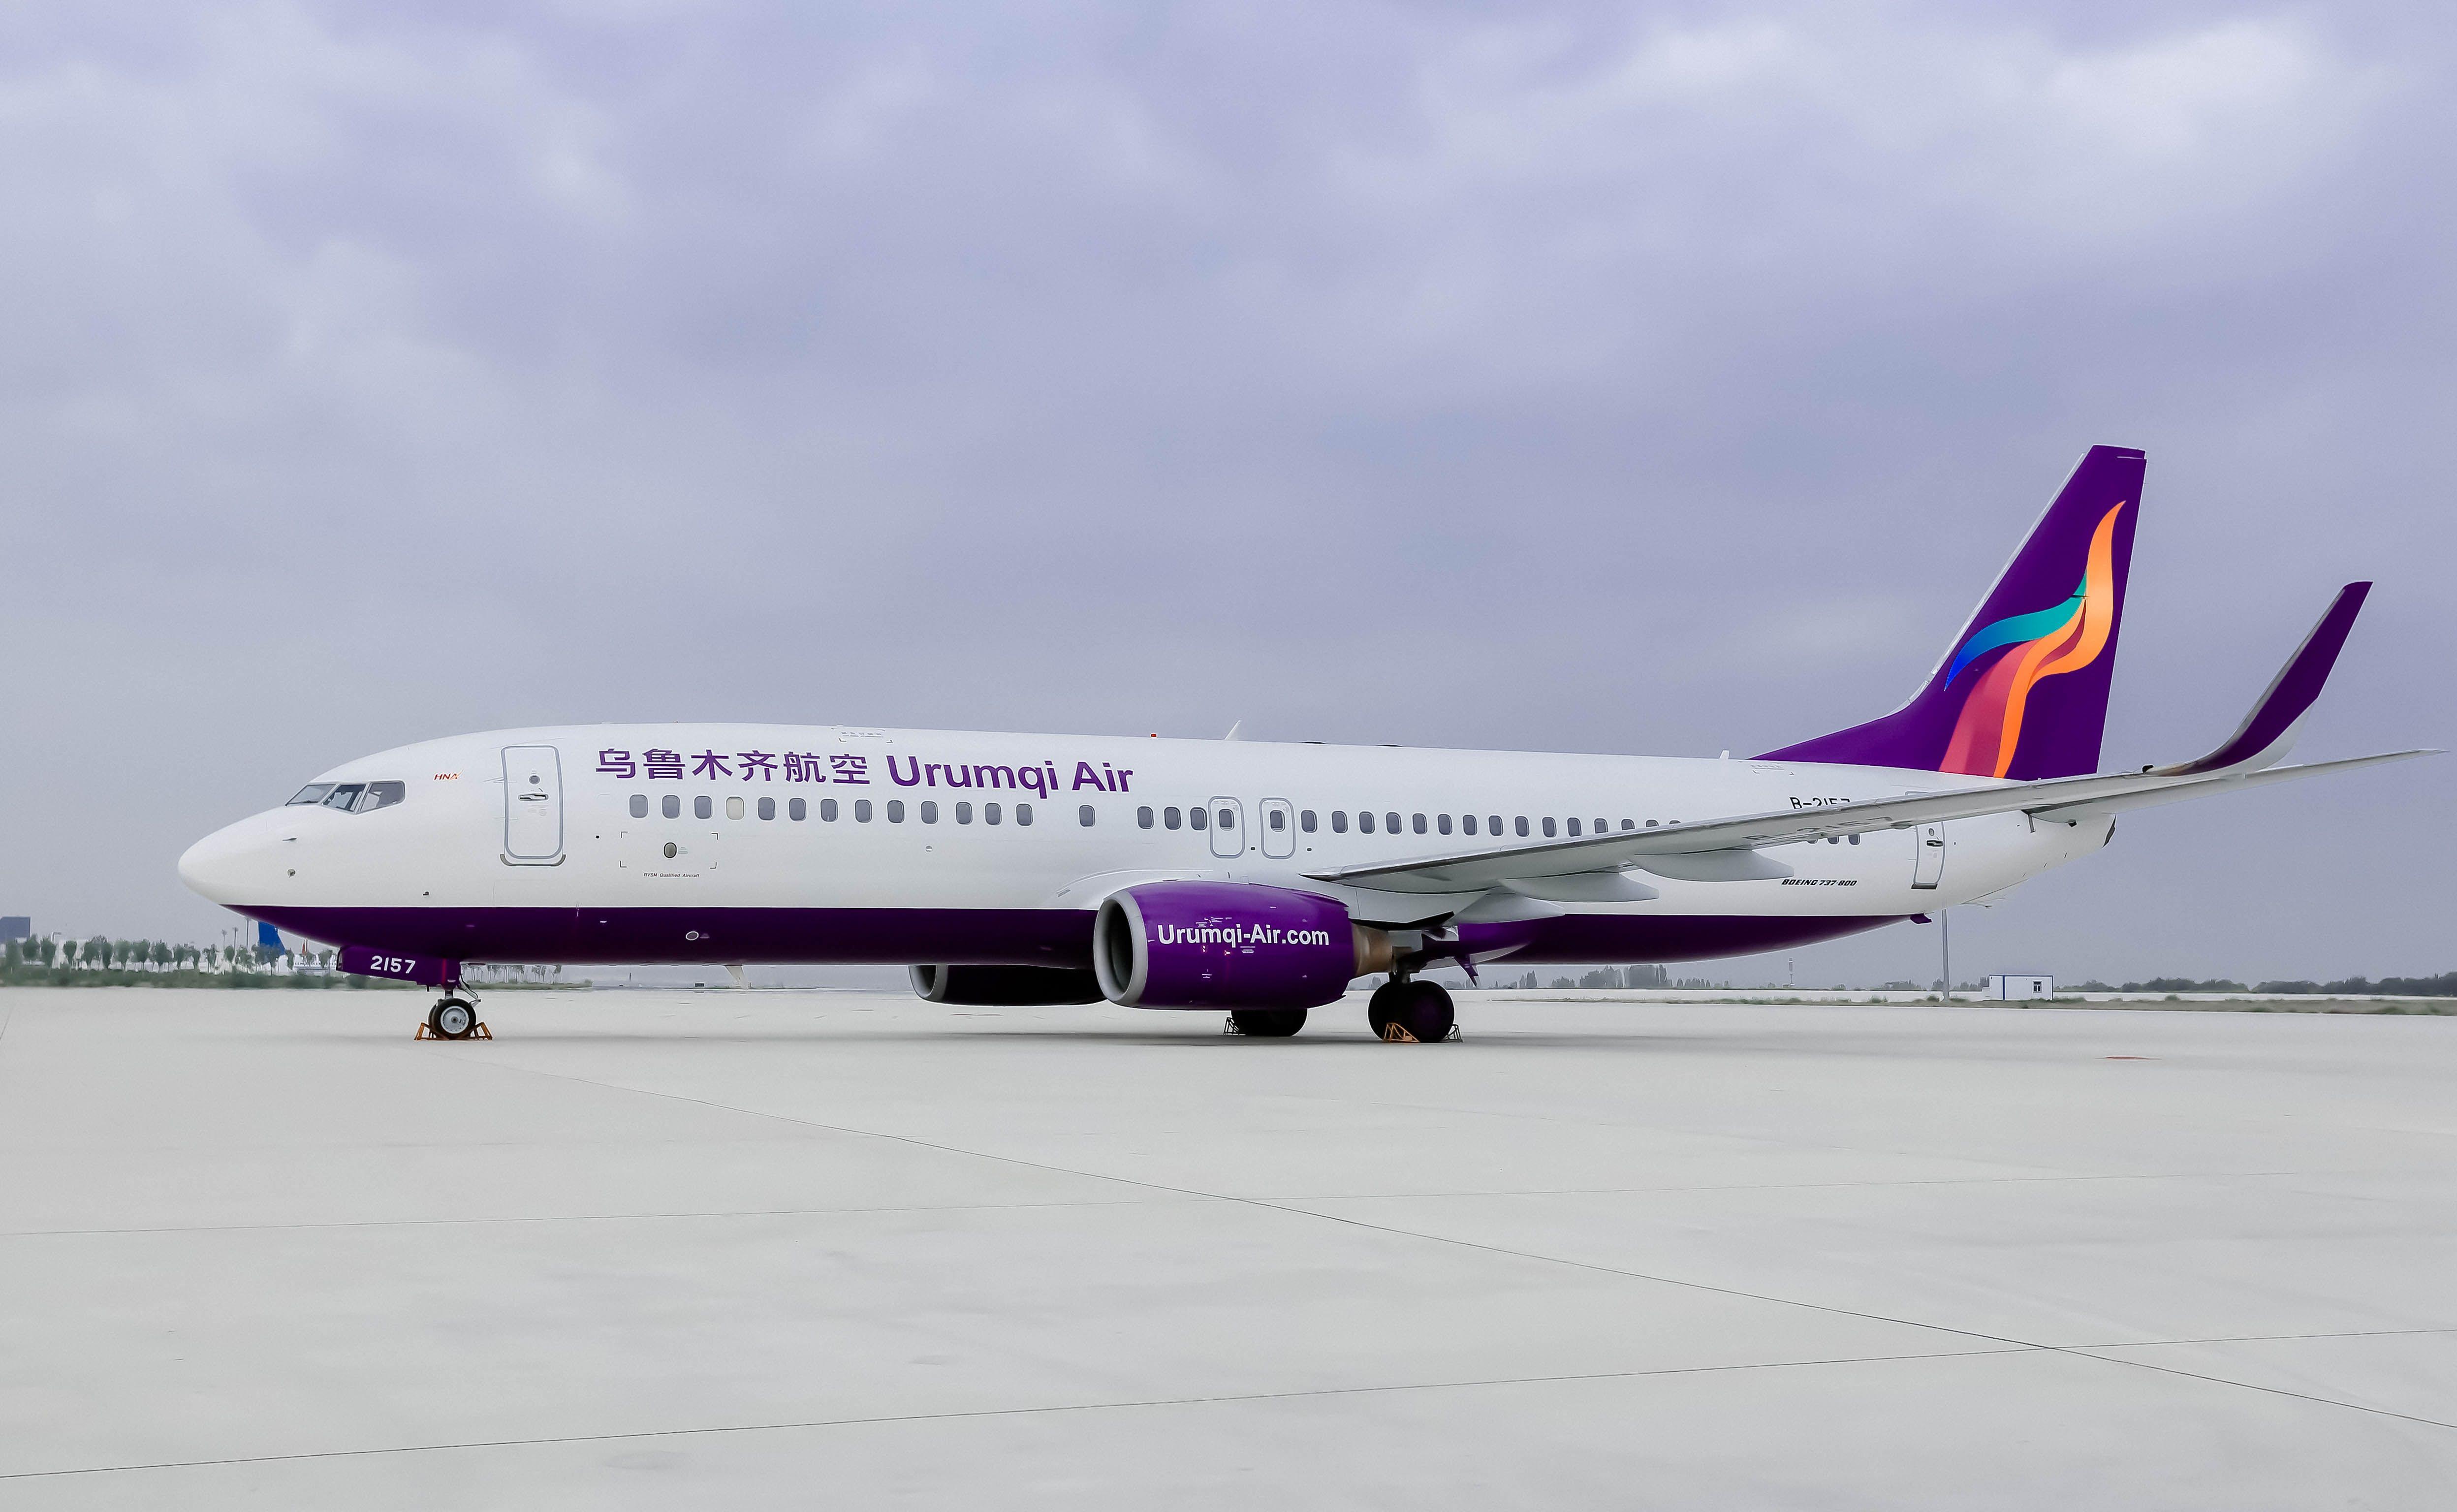 乌航将开首条国际航线 往返伊尔库茨克